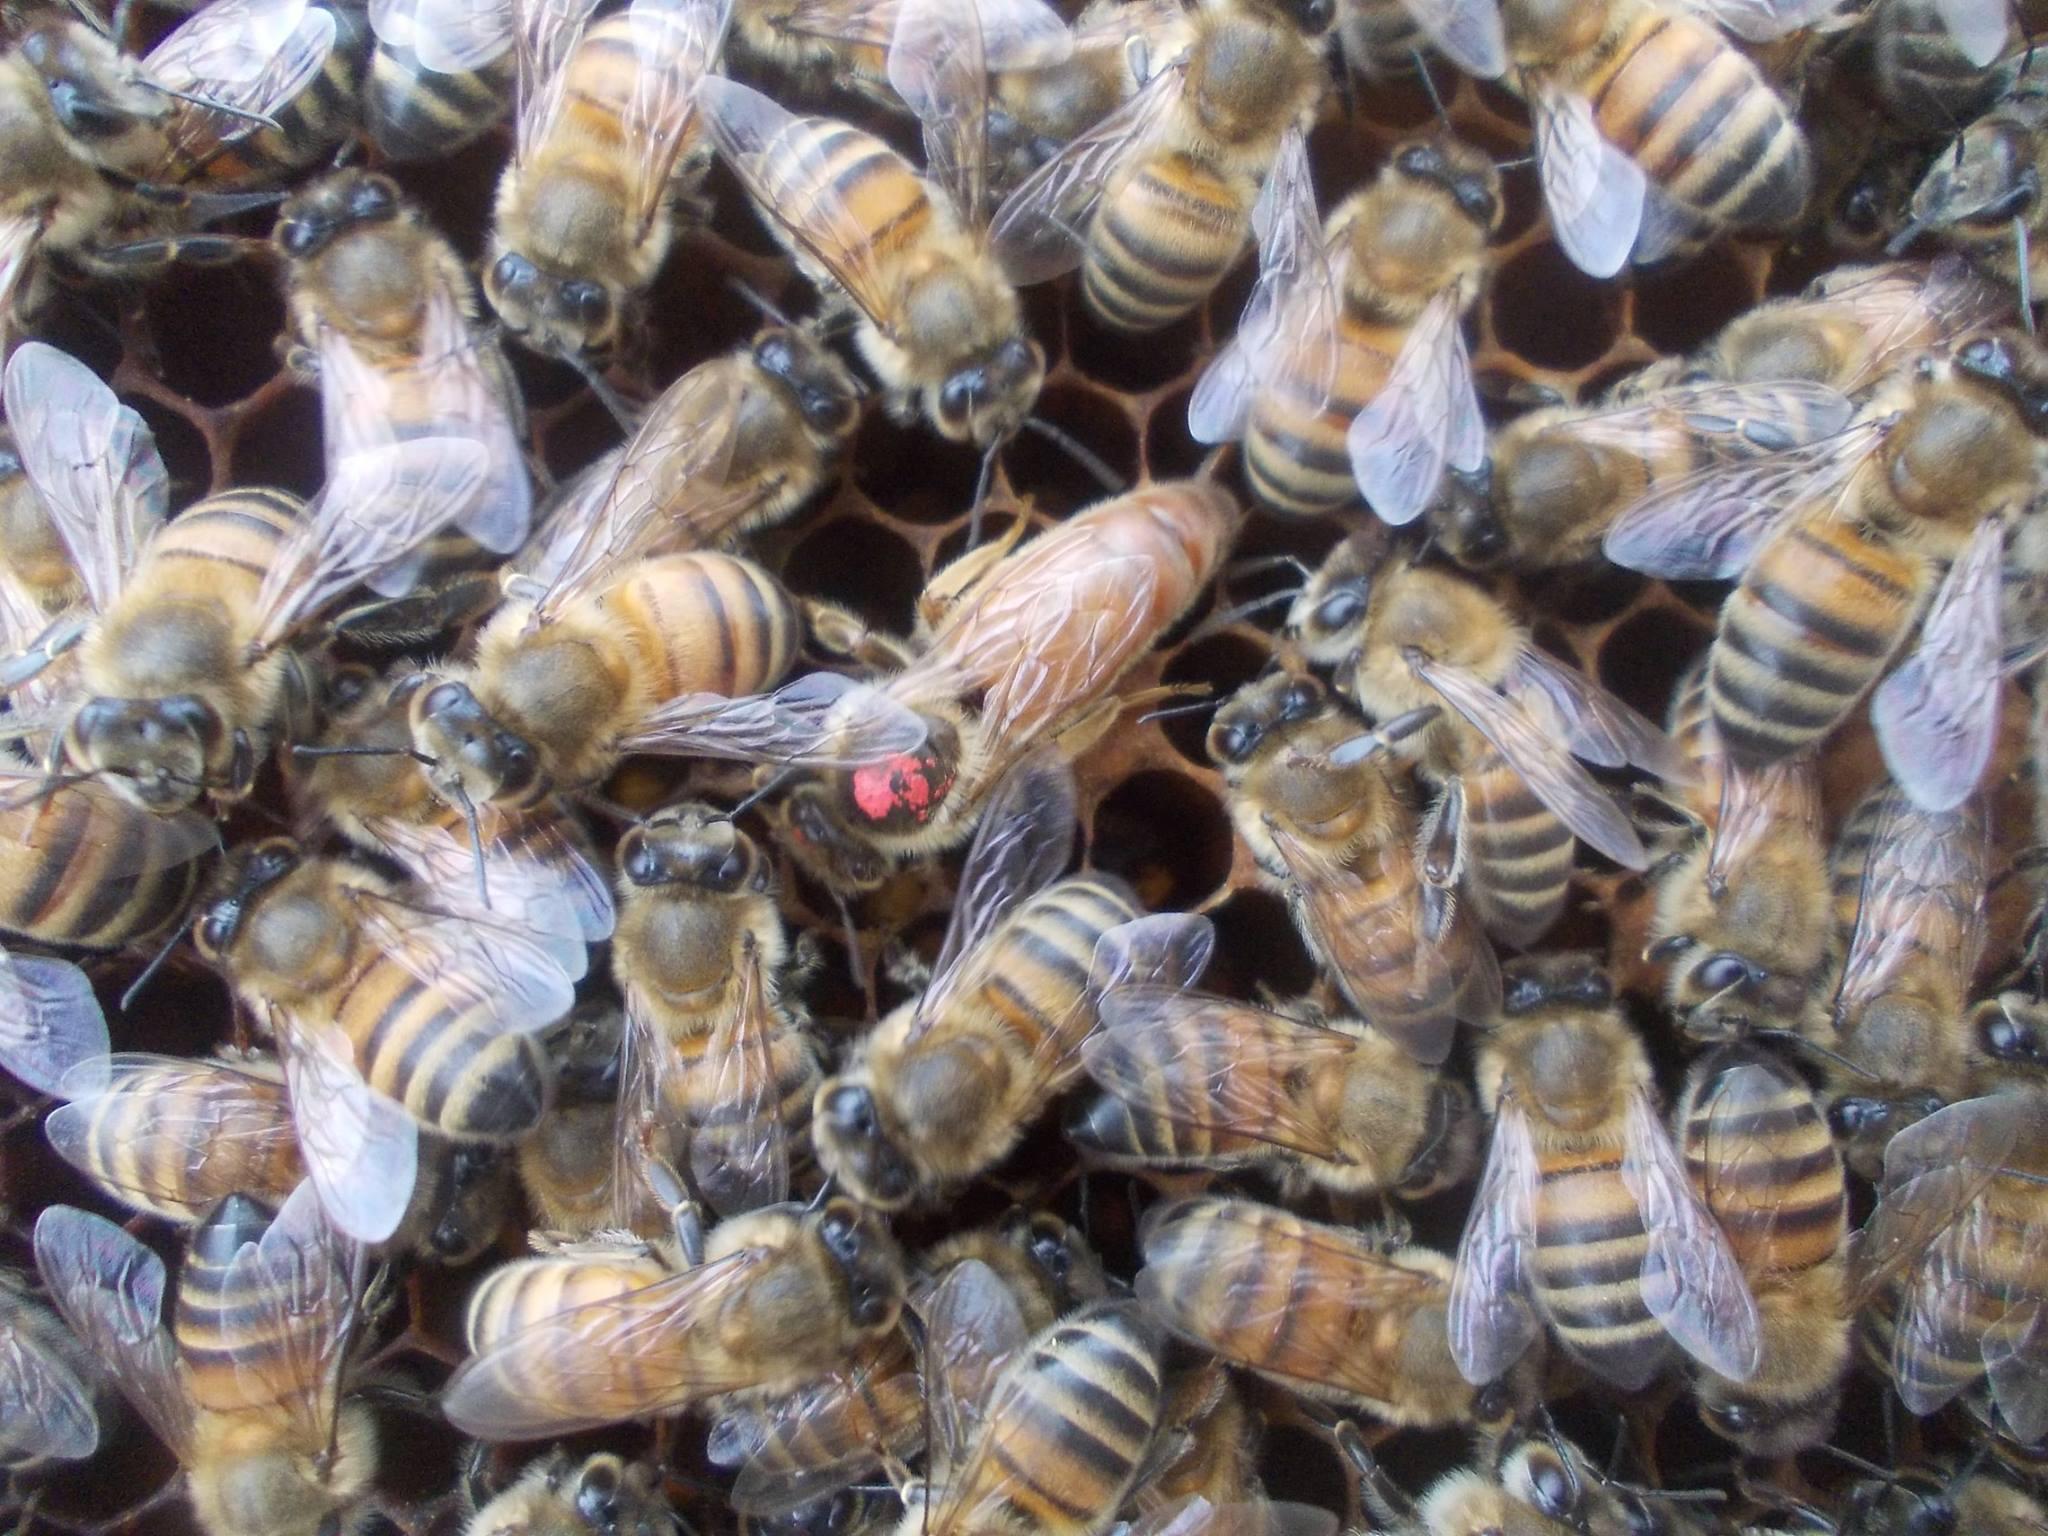 F1 Ana Arı Nedir-Ana Arı Satışı